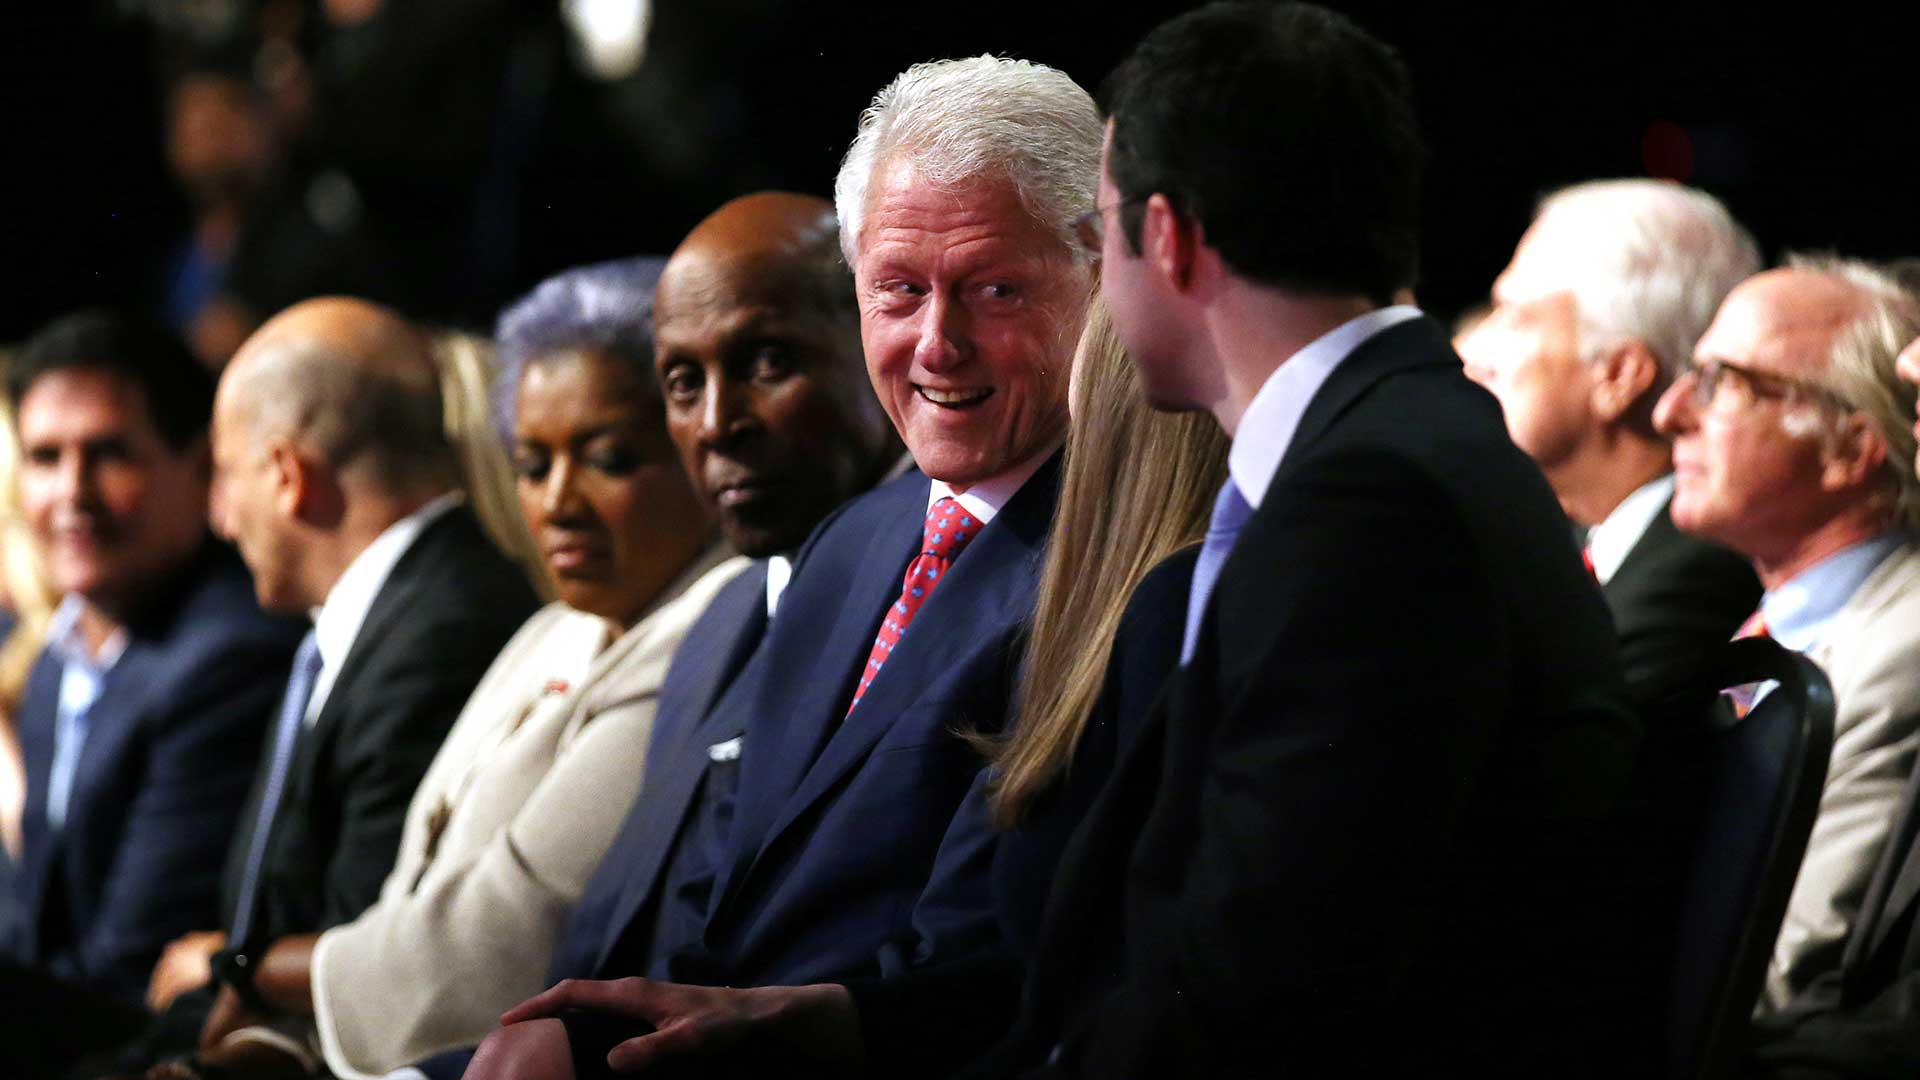 (Reuters) Sobre el Estado Islámico, Hillary Clinton dijo que la derrota del grupo yihadista será la prioridad principal como presidente.